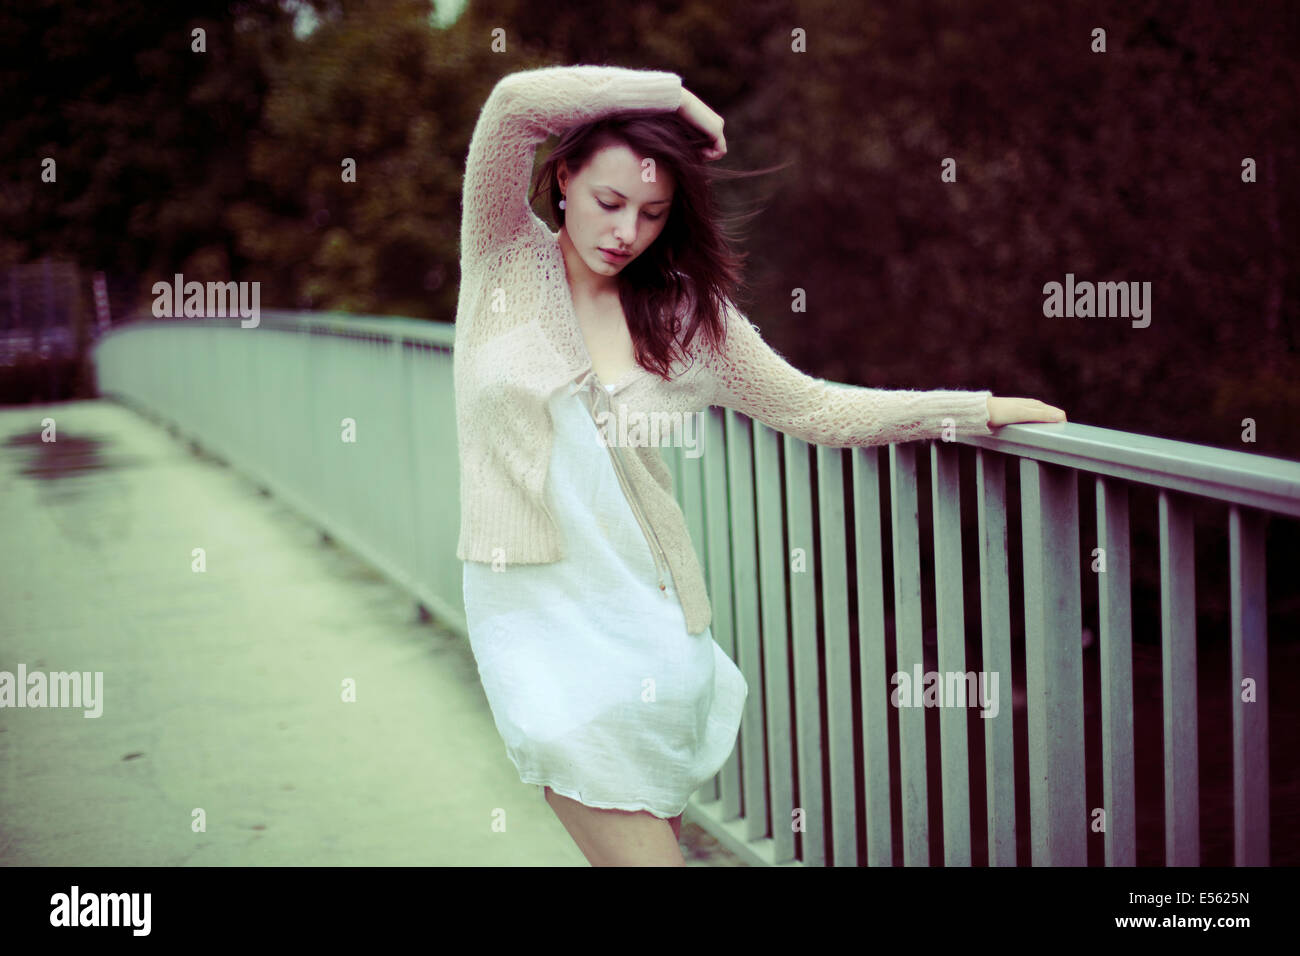 Junge Frau, die an das Geländer einer Brücke Stockbild